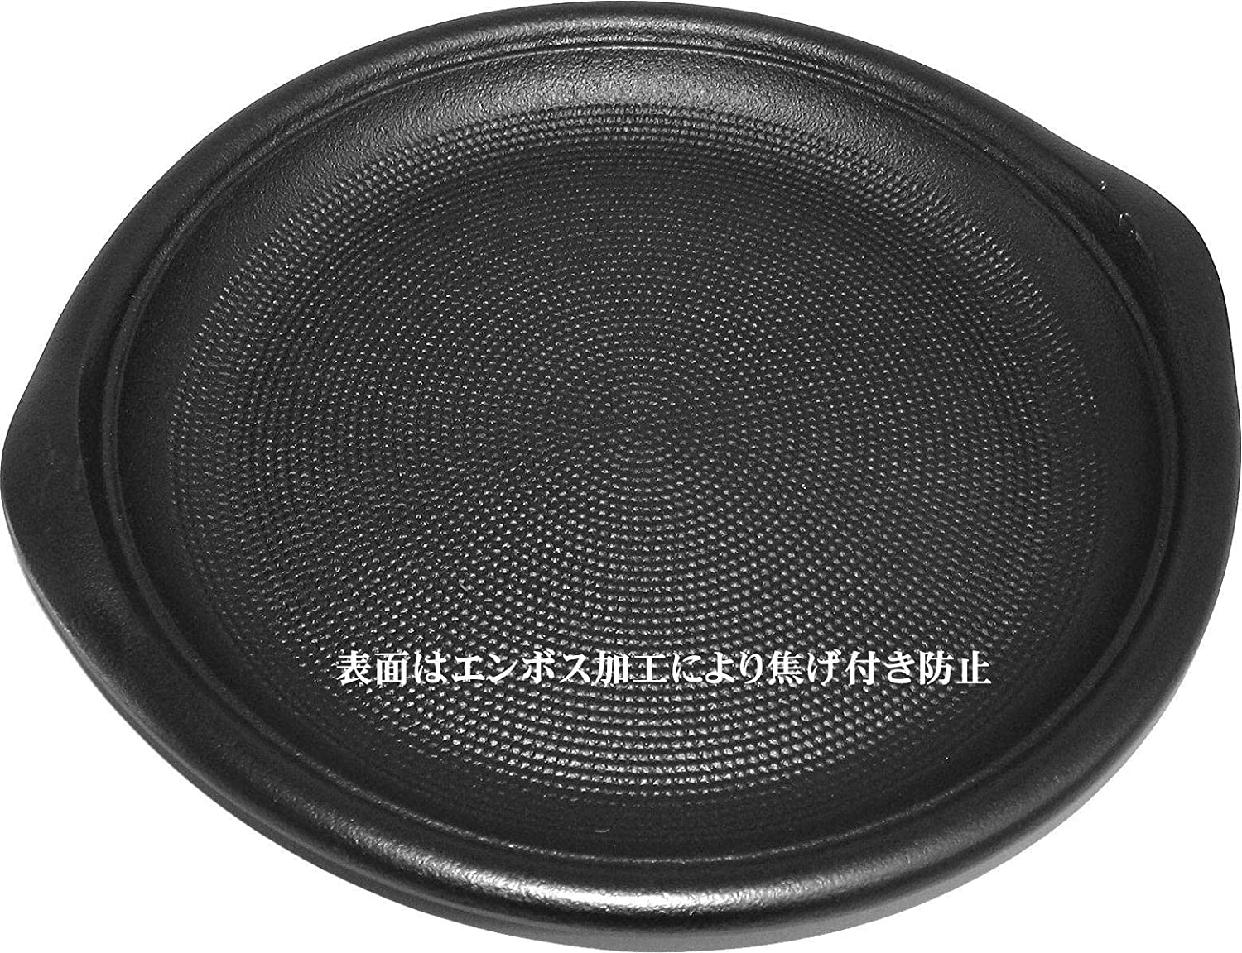 南部鉄器(ナンブテッキ) 達人の餃子鉄鍋 C−10 31cmの商品画像4